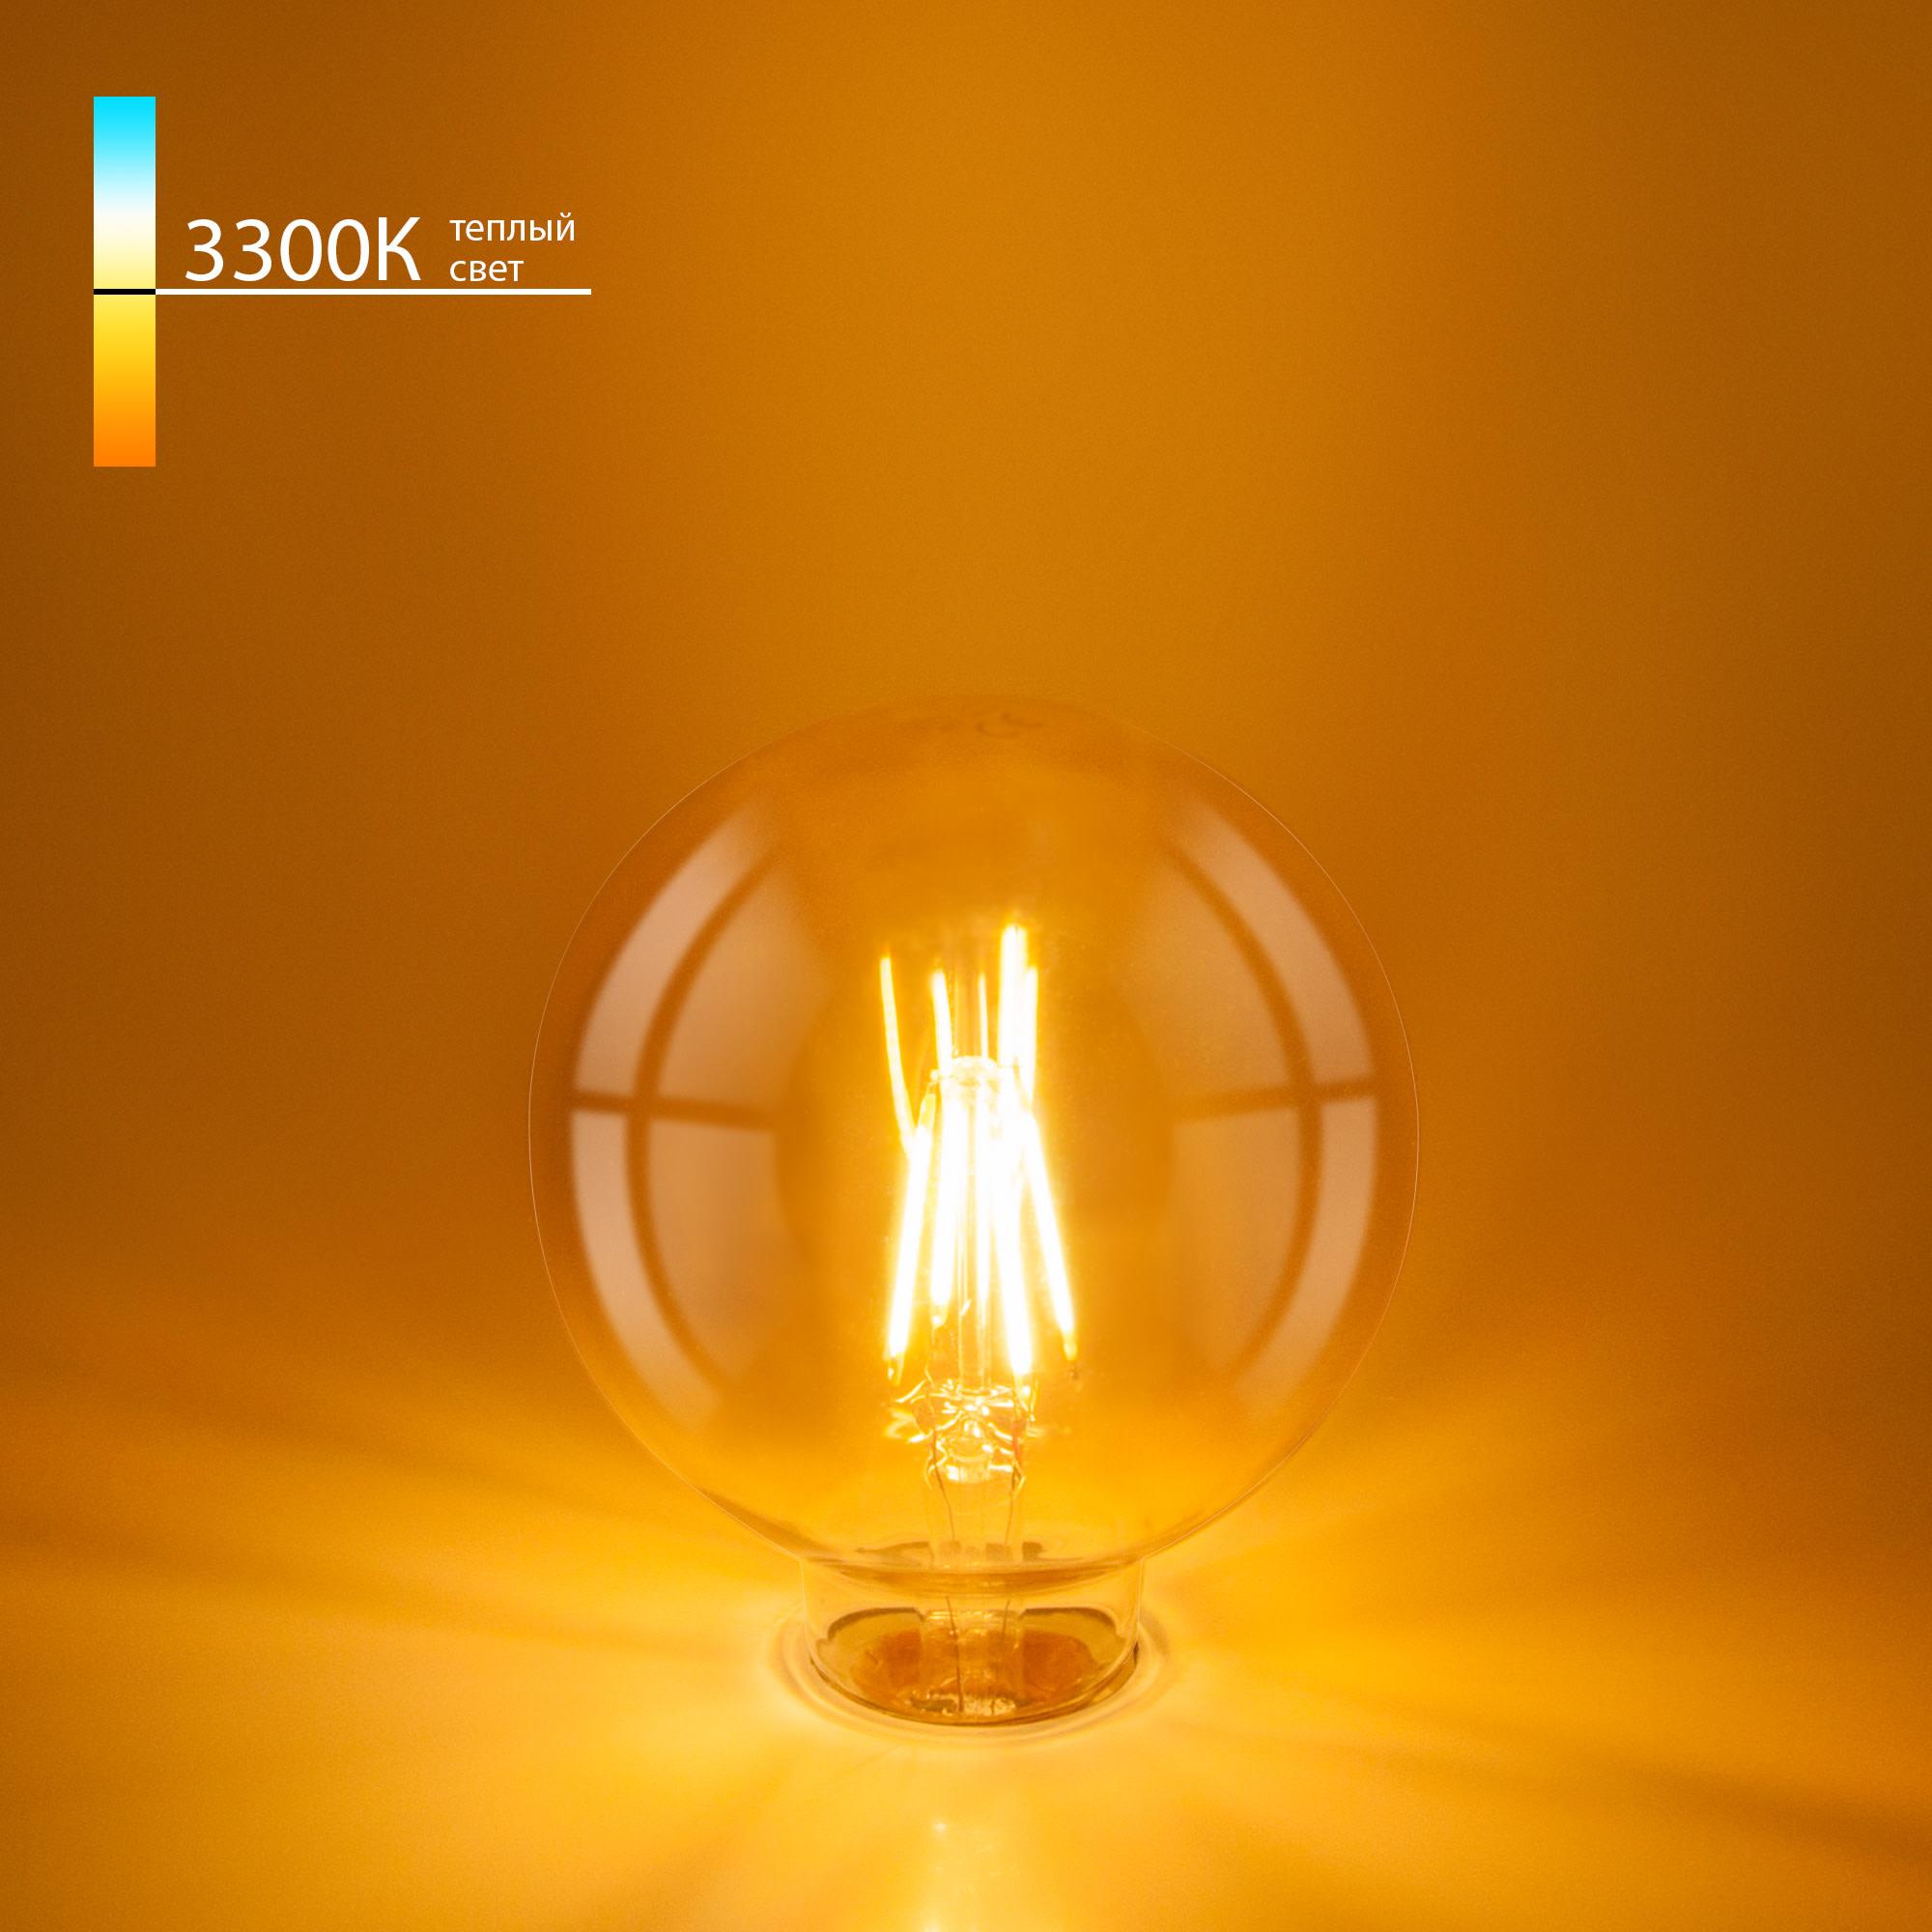 Лампа Electrostandard Classic F светодионая E27 6 Вт шар 850 Лм теплый свет